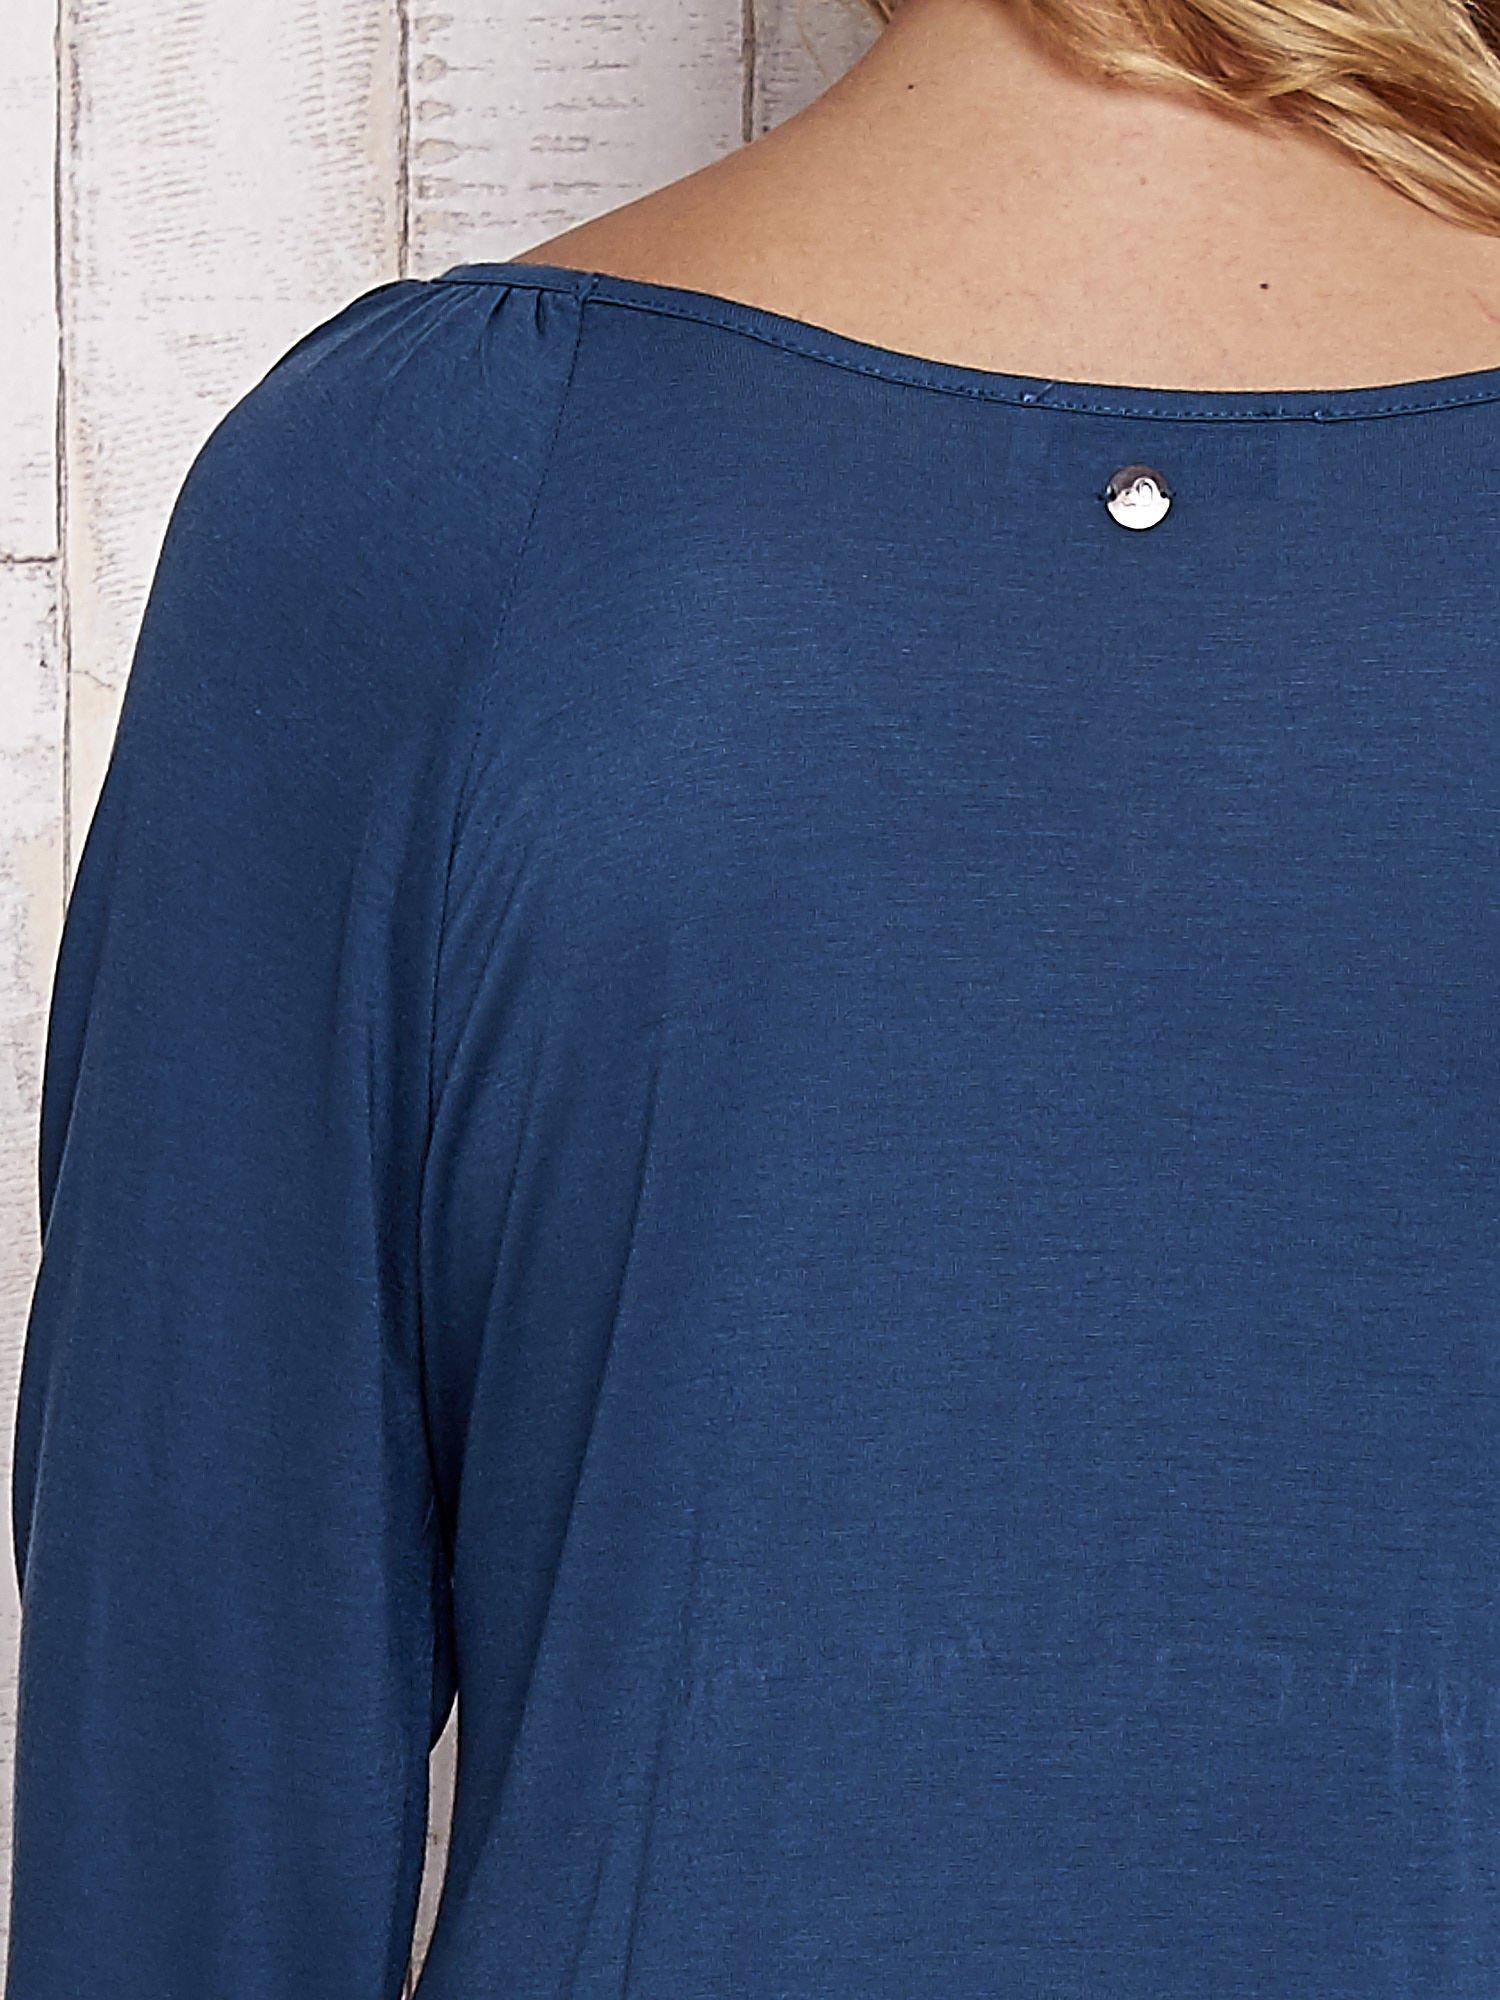 Turkusowa bluzka ze ściągaczem na dole                                  zdj.                                  6